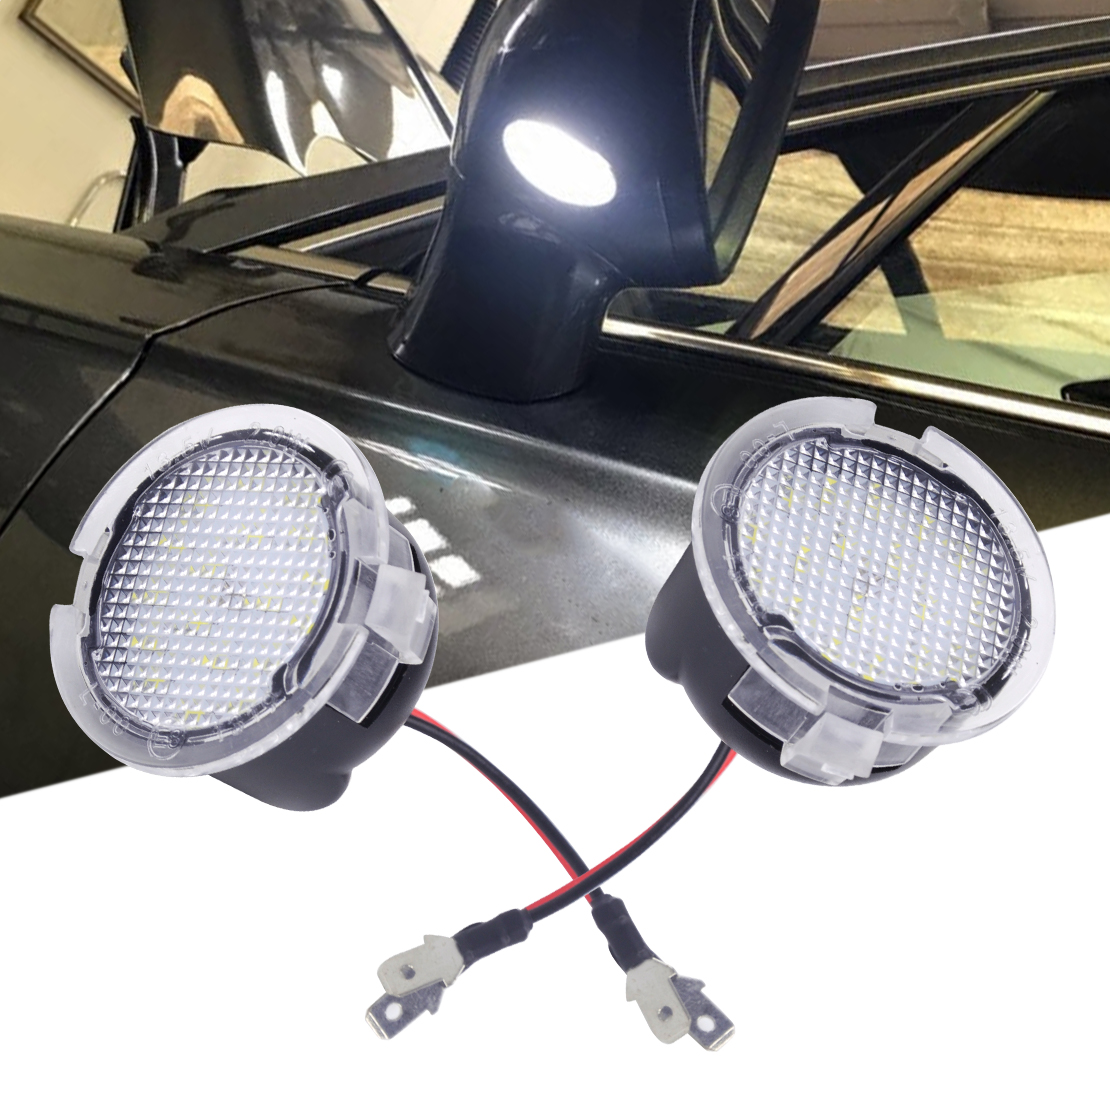 CITALL 2 PCS Haute Puissance Blanc LED Côté Miroir Éclairage vers le sol Fit pour Toyota Tundra 2007-2010 2011 2012 2013 2014 2015 2016 2017